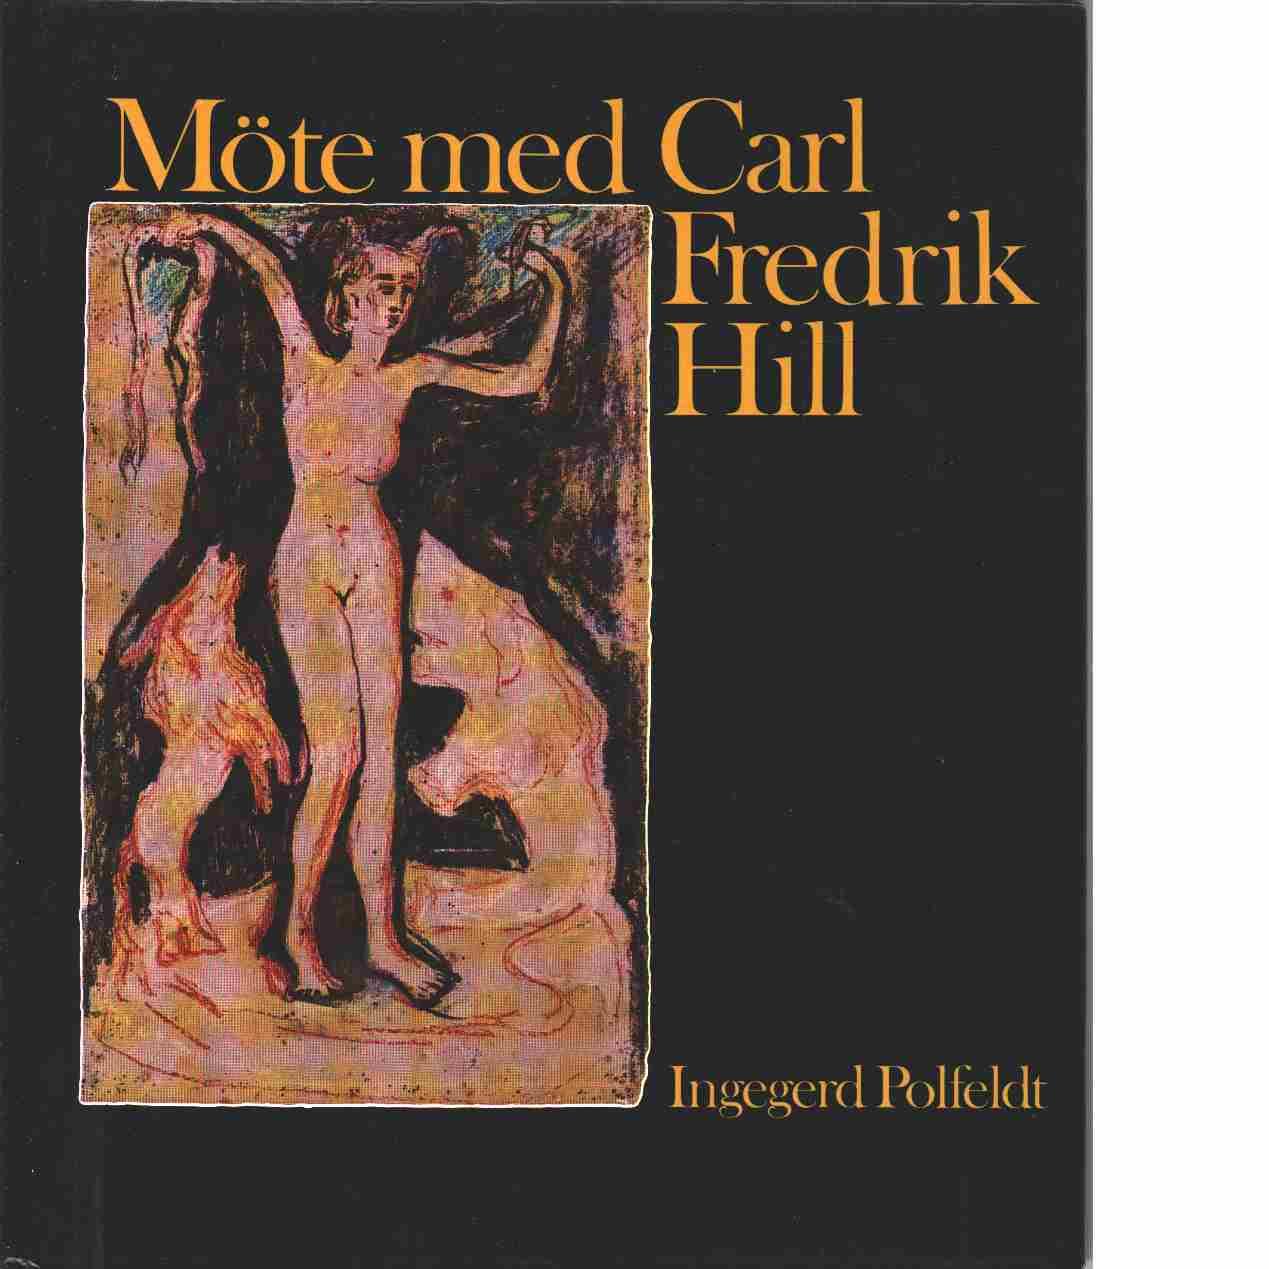 Möte med Carl Fredrik Hill - Polfeldt, Ingegerd